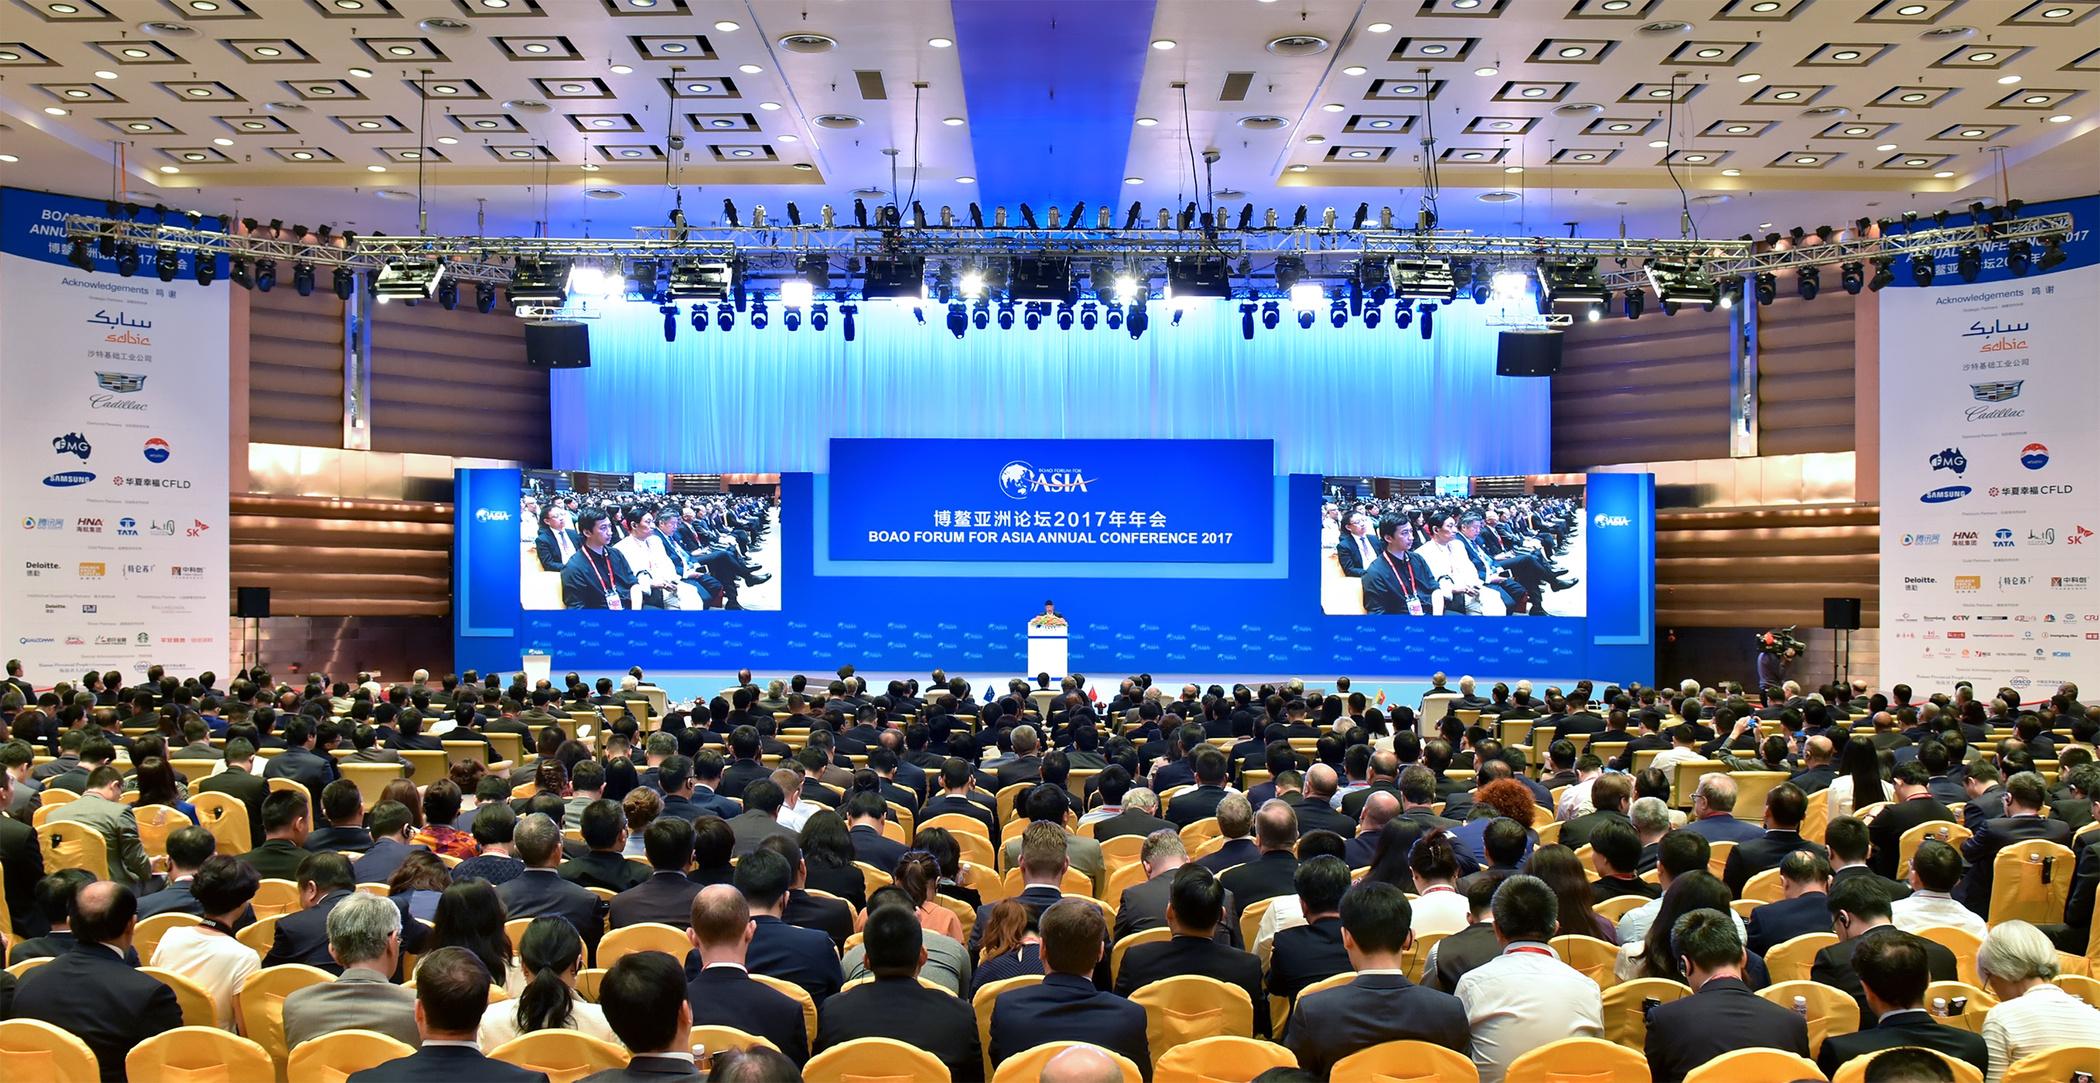 Fórum Boao | HK e Macau querem desenvolvimento inovador na Grande Baía